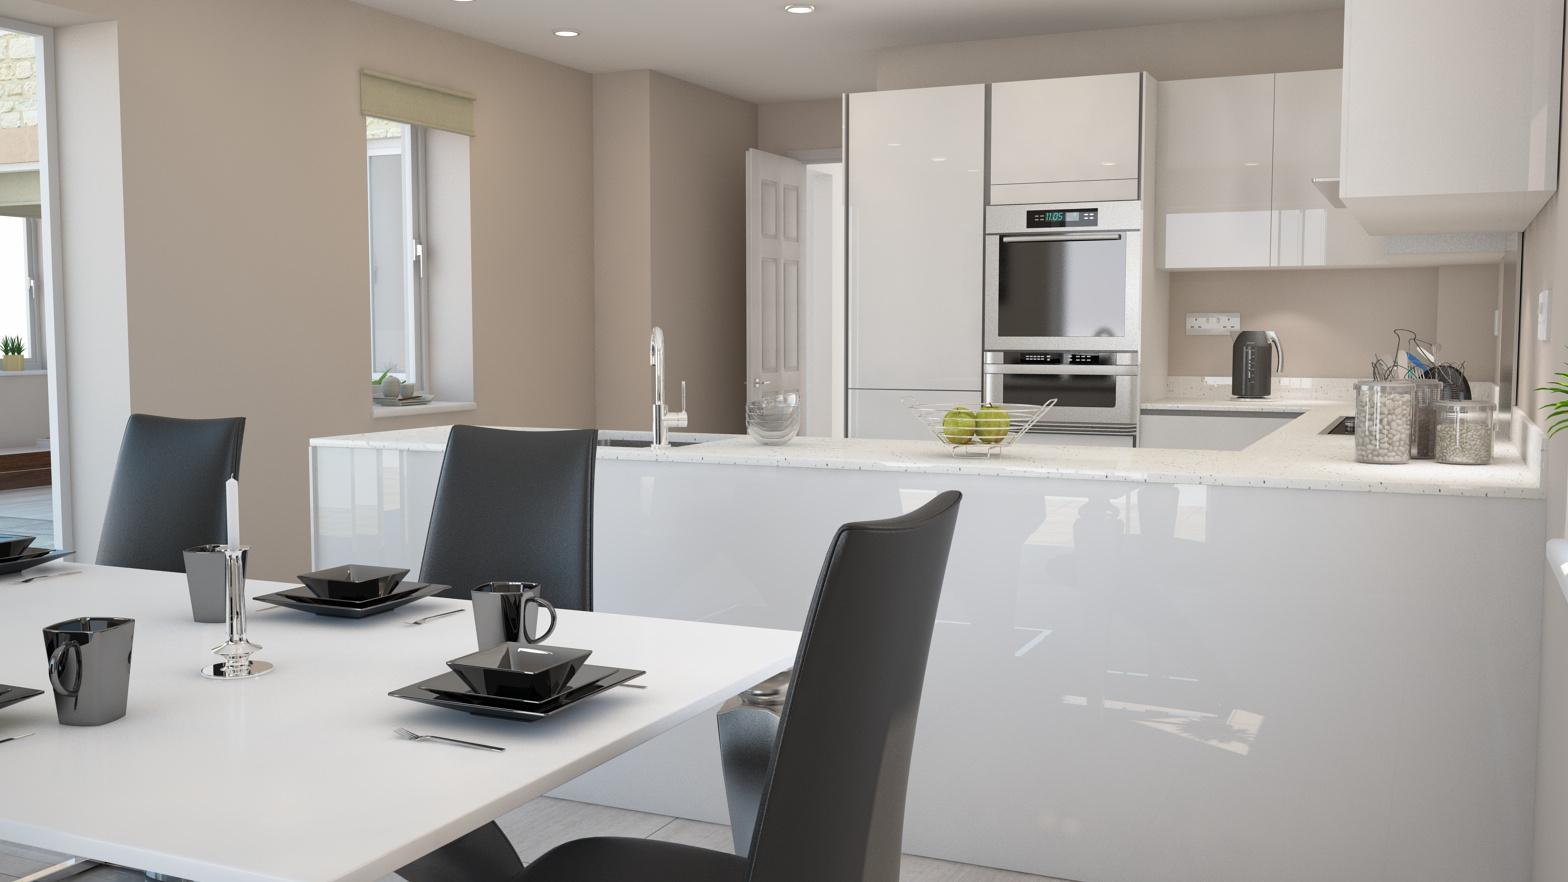 Larnaca house kitchen v2